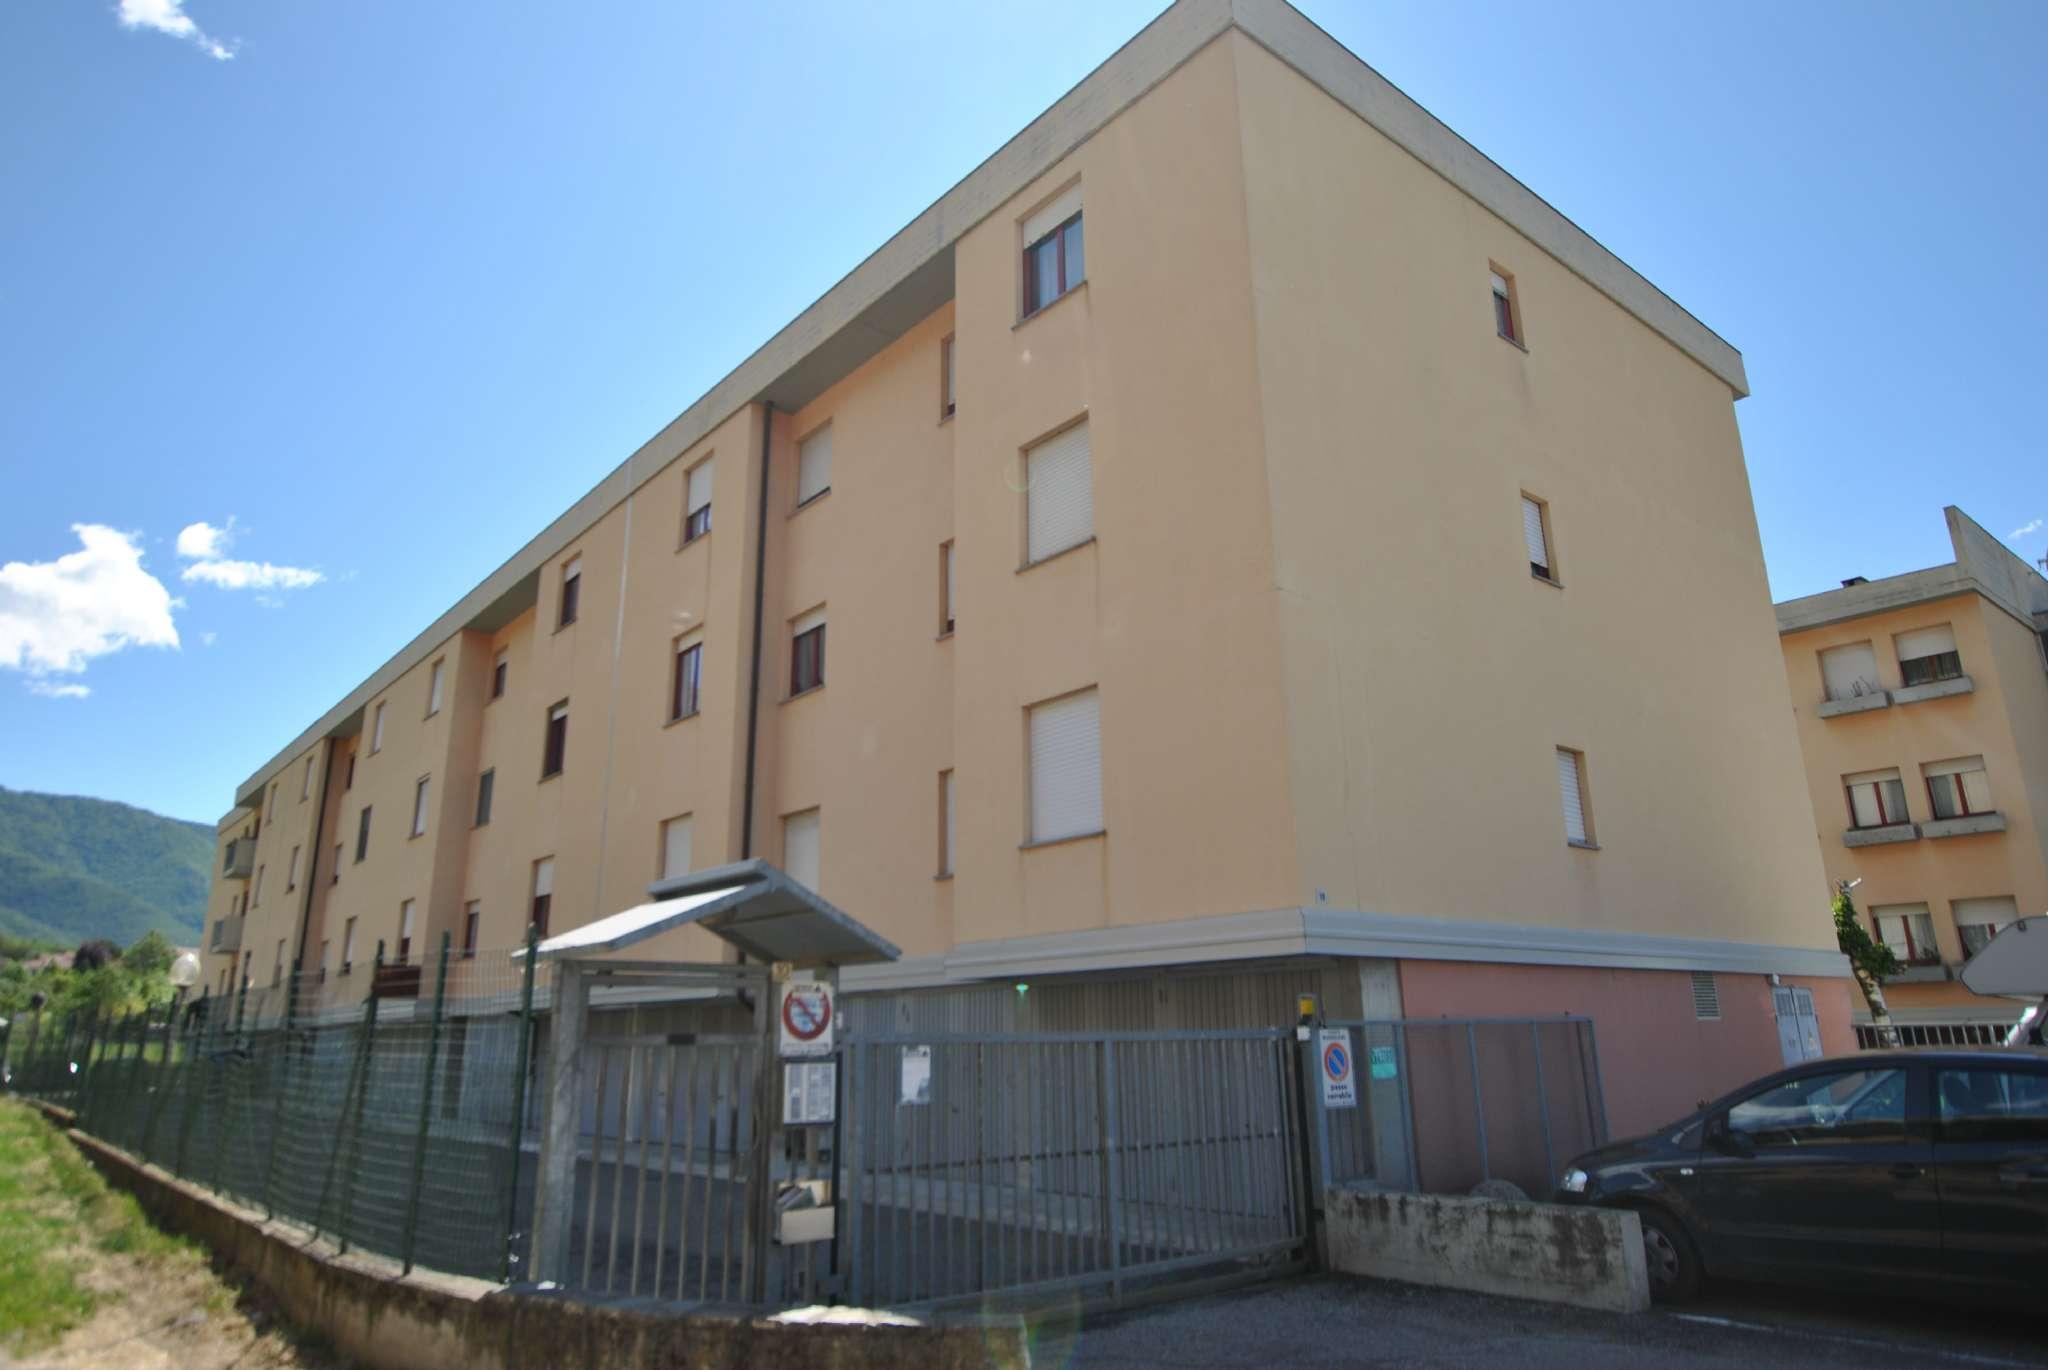 Appartamento in vendita a Bussoleno, 4 locali, prezzo € 70.000 | CambioCasa.it